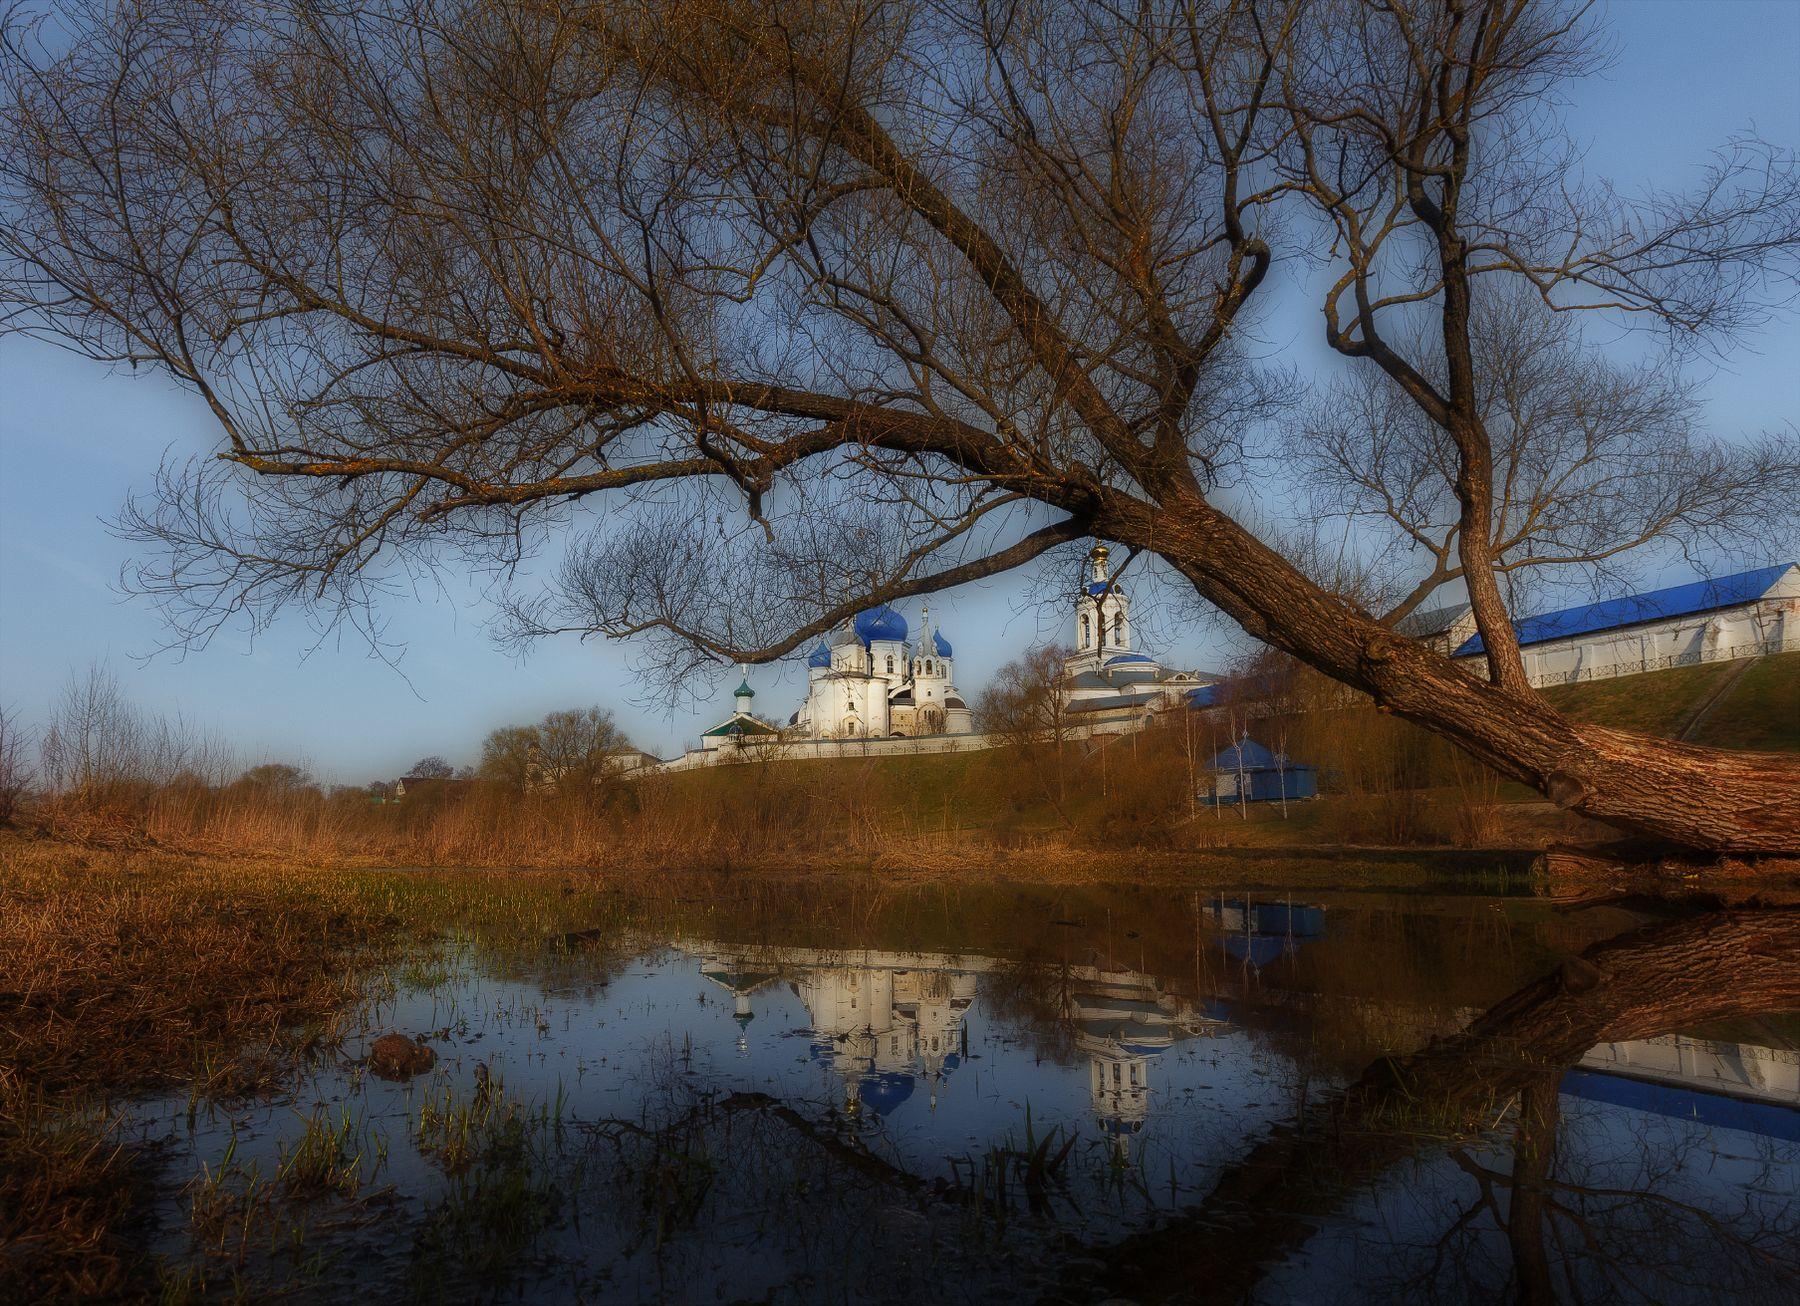 Монастырский пруд в Боголюбово Утро весна Владимирская область Боголюбово пруд дерево Боголюбский монастырь Рождества Богородицы